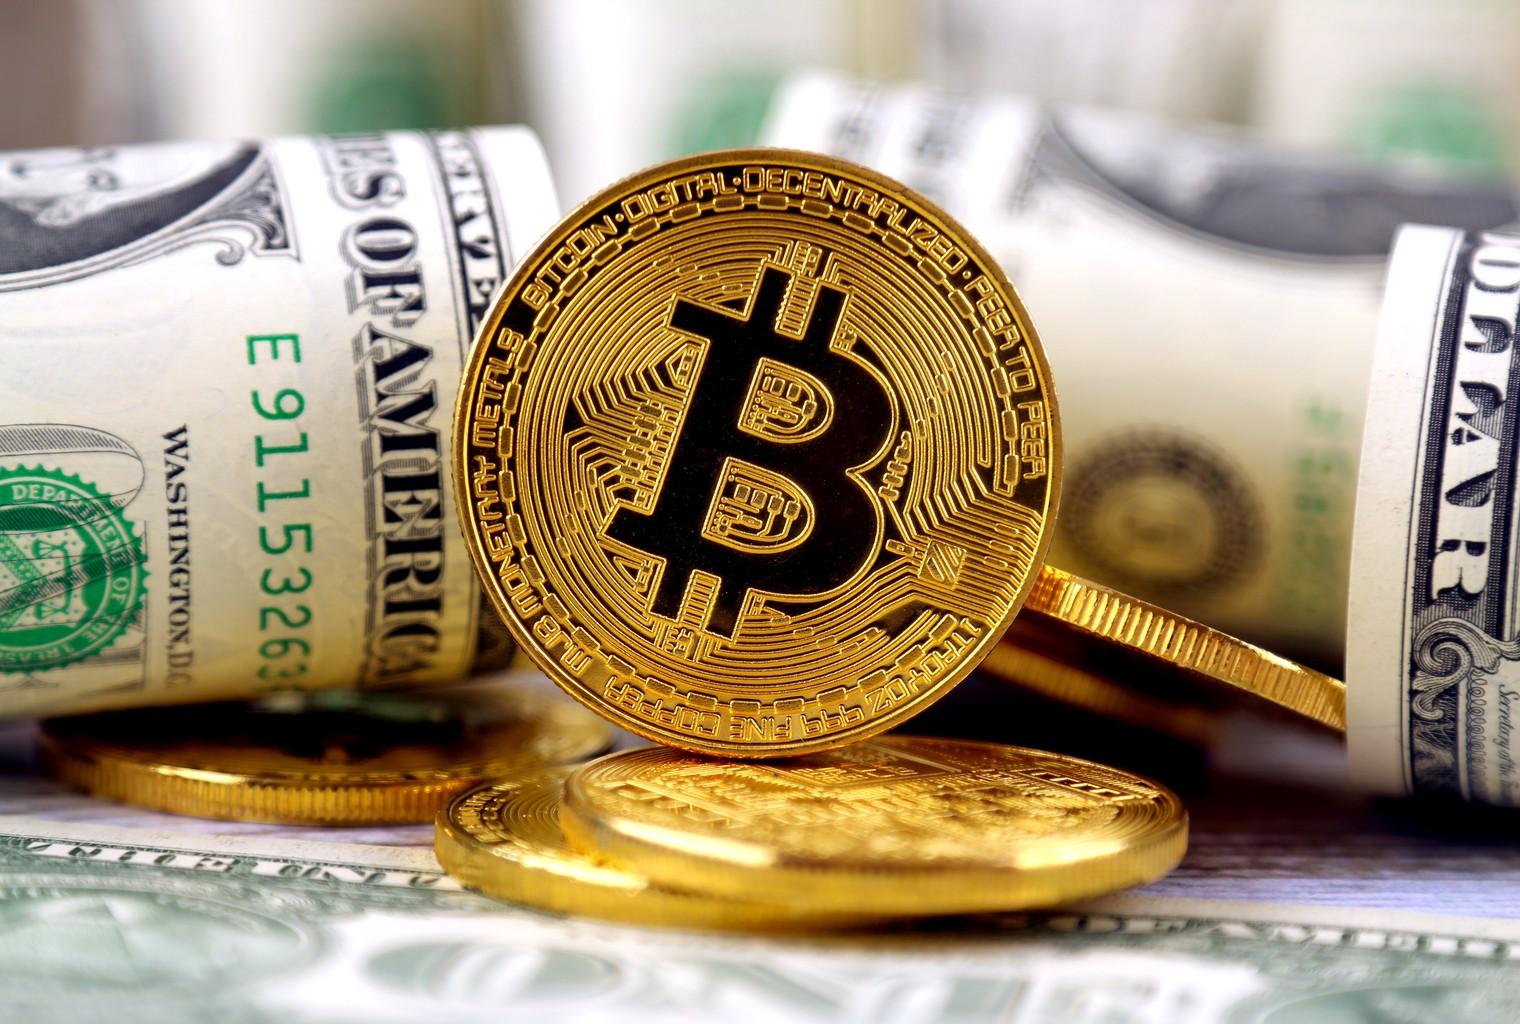 bitcoin 2 yılda 100 bin dolara çıkabilir